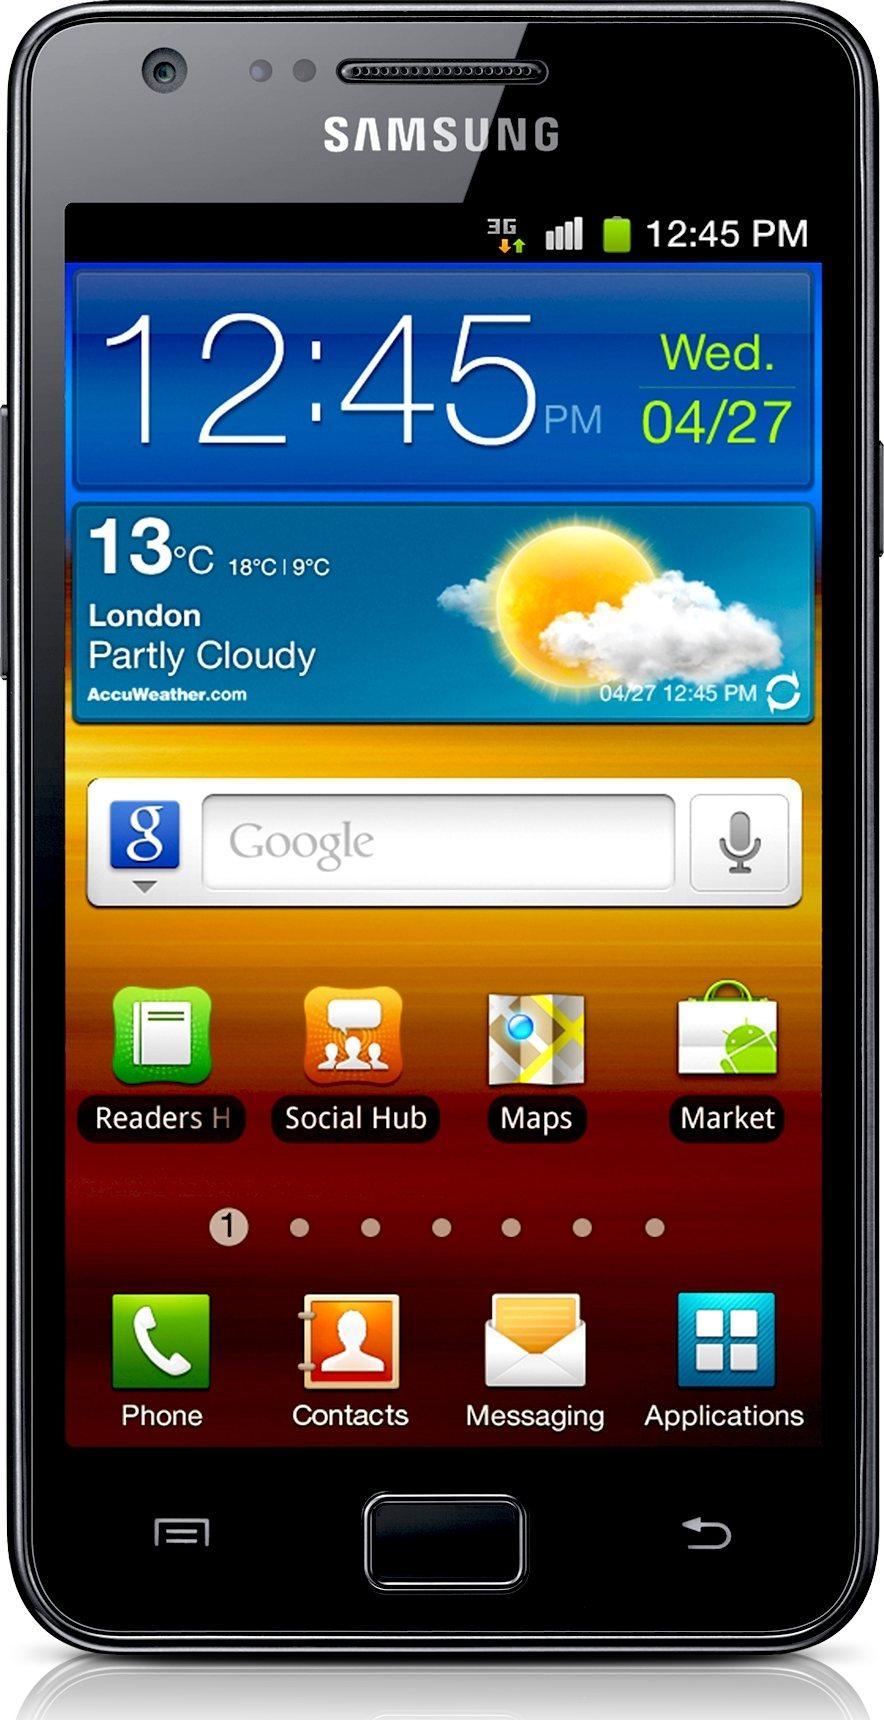 Galaxy S 2 GT-I9100P